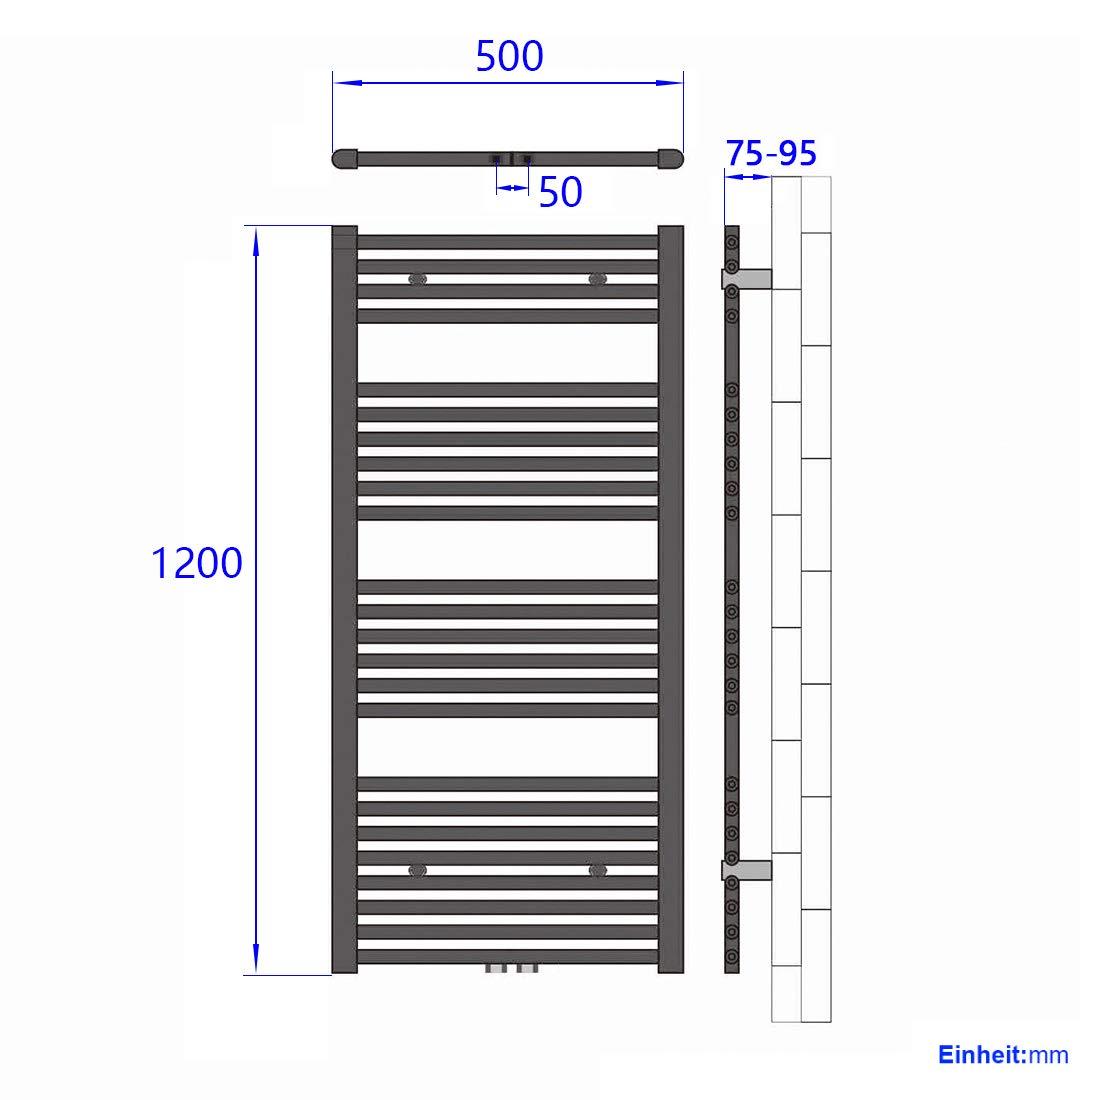 WELMAX Wei/ß Badheizk/örper 600 x 1800 mm Handtuchtrockner 998 Watt Leistung Heizk/örper Bad Mittelanschluss Handtuchheizk/örper